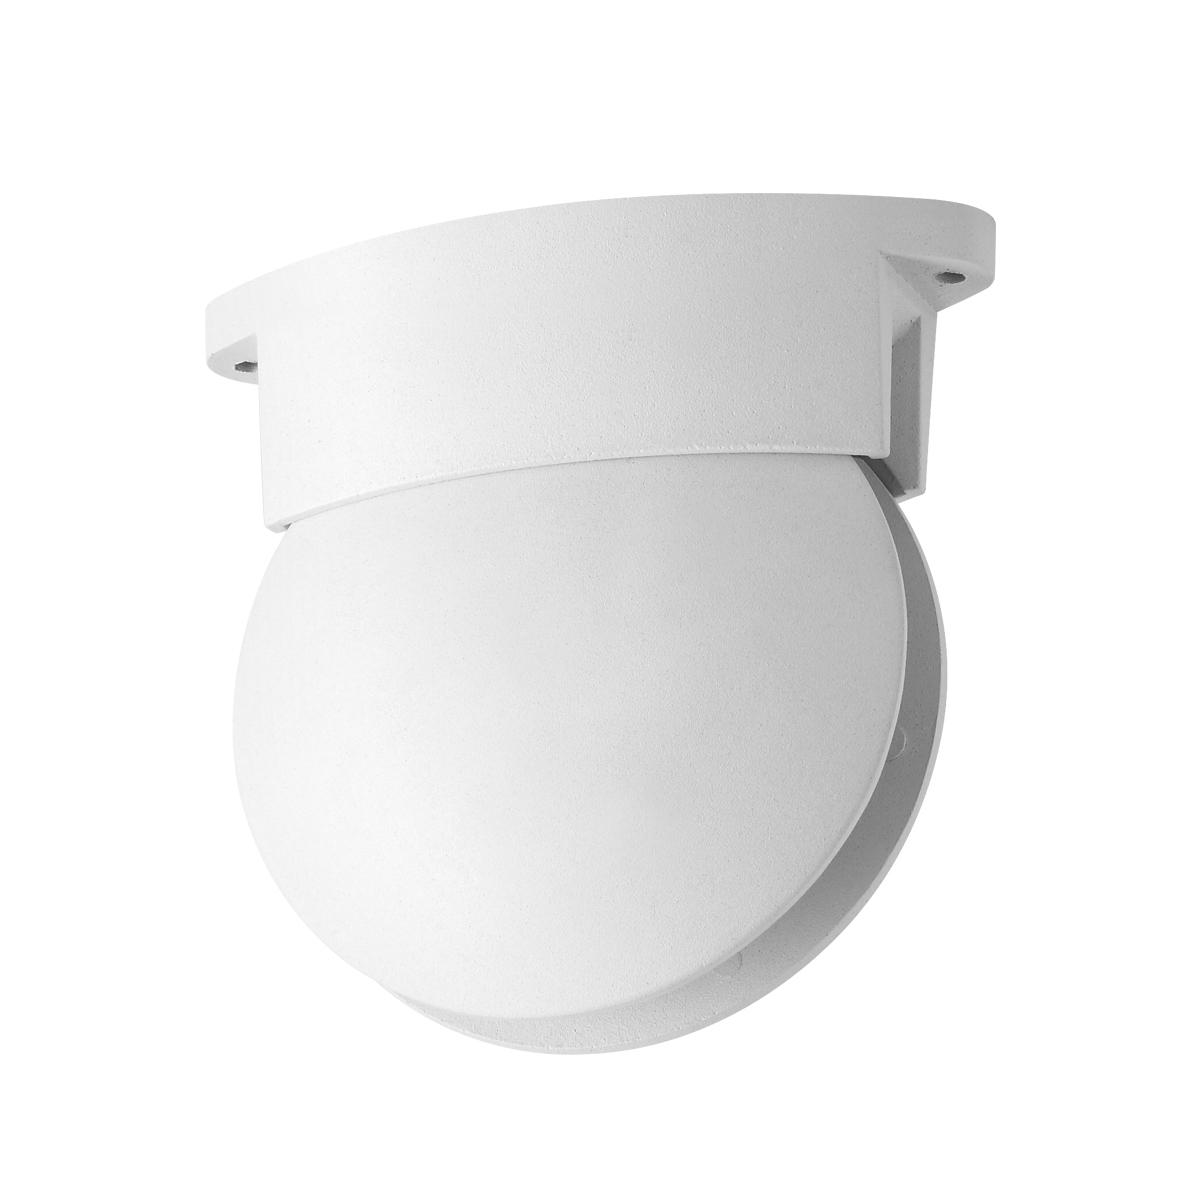 Настенный светодиодный светильник с пультом ДУ Odeon Light Arrow 3916/9CL, IP65, LED 9W 4000K + RGB 450lm, белый, металл - фото 3